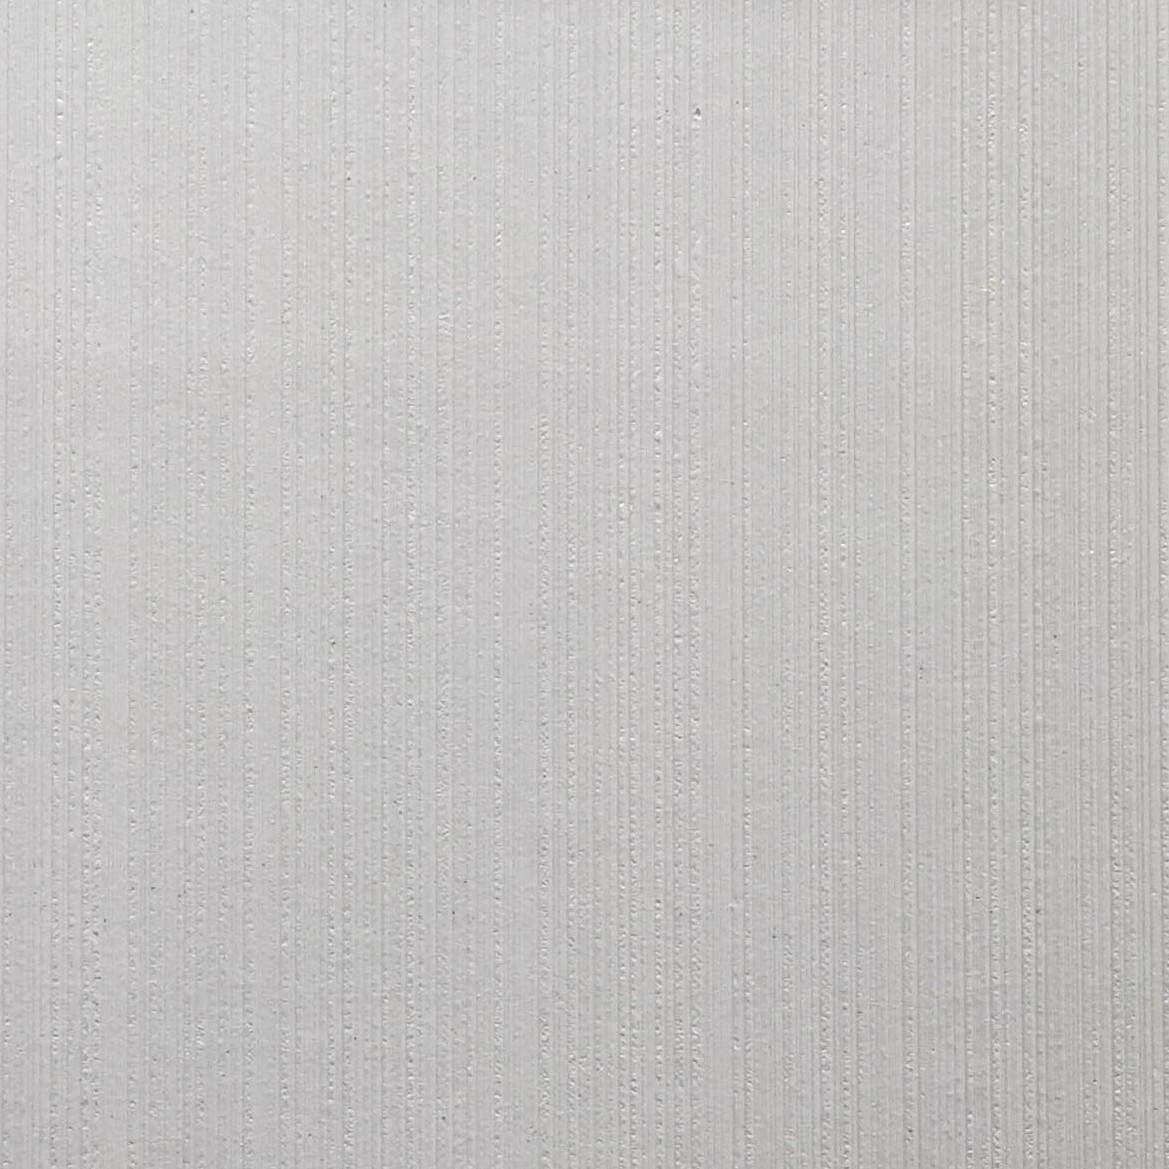 Papel de Parede Vinilico Liso 6070 - Jolie